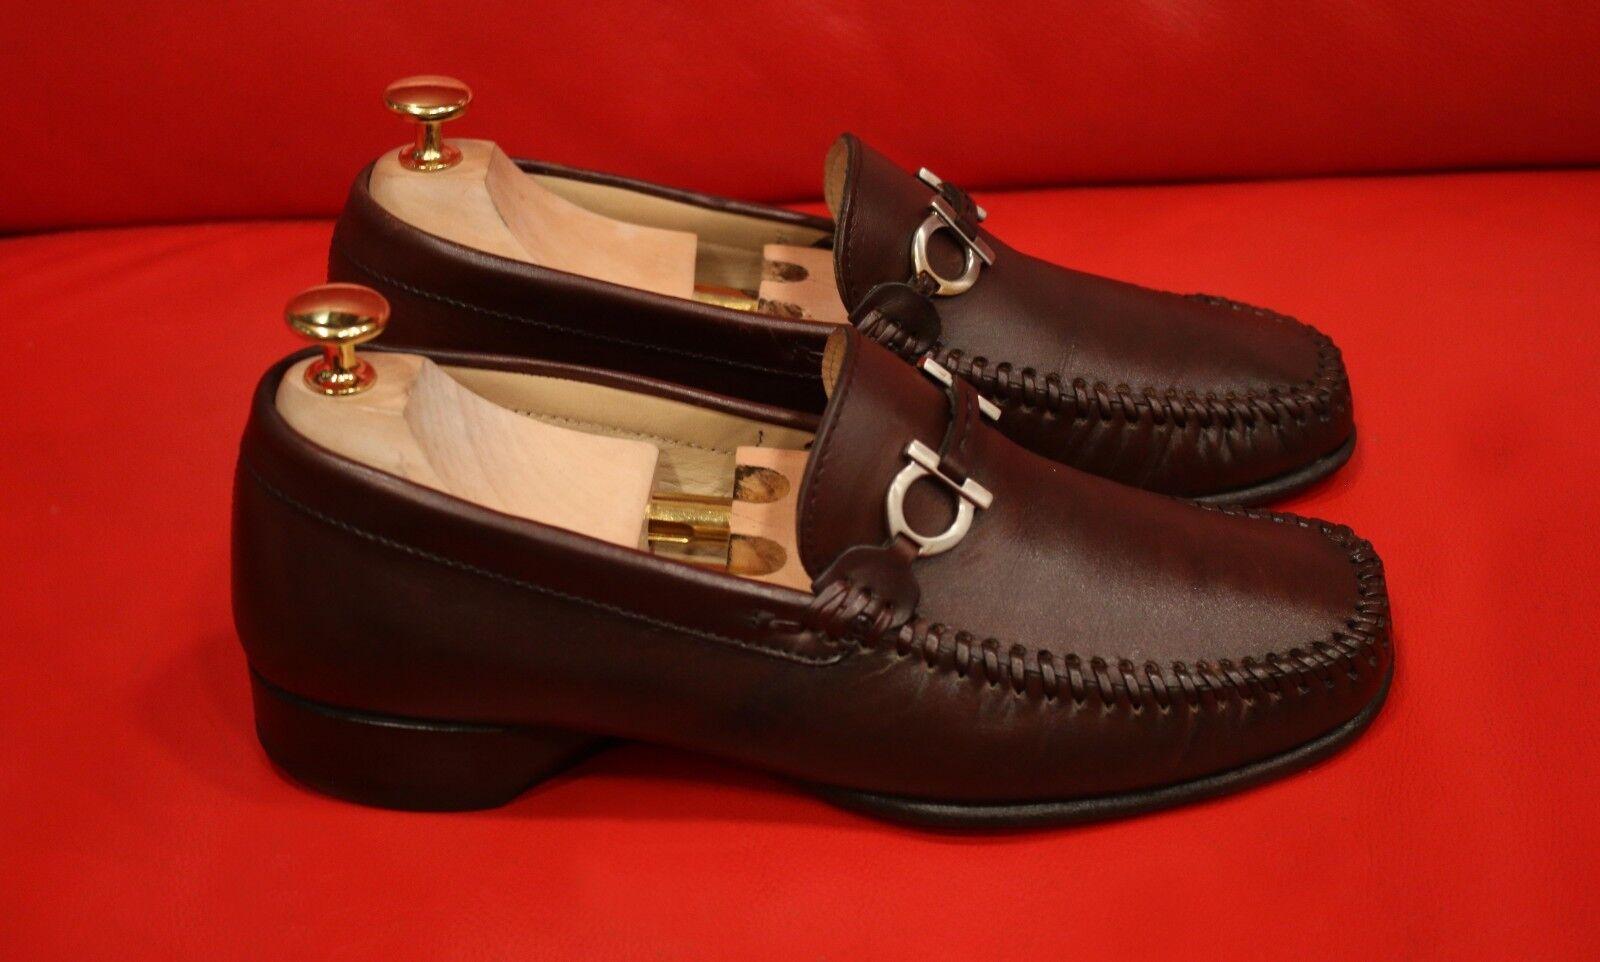 fabbrica diretta    649.00     FERRAGAMO 1UNIQUE Marrone BITS DRESS SLIP-ON LOAFER scarpe Dimensione 6.5 EE  spedizione veloce in tutto il mondo